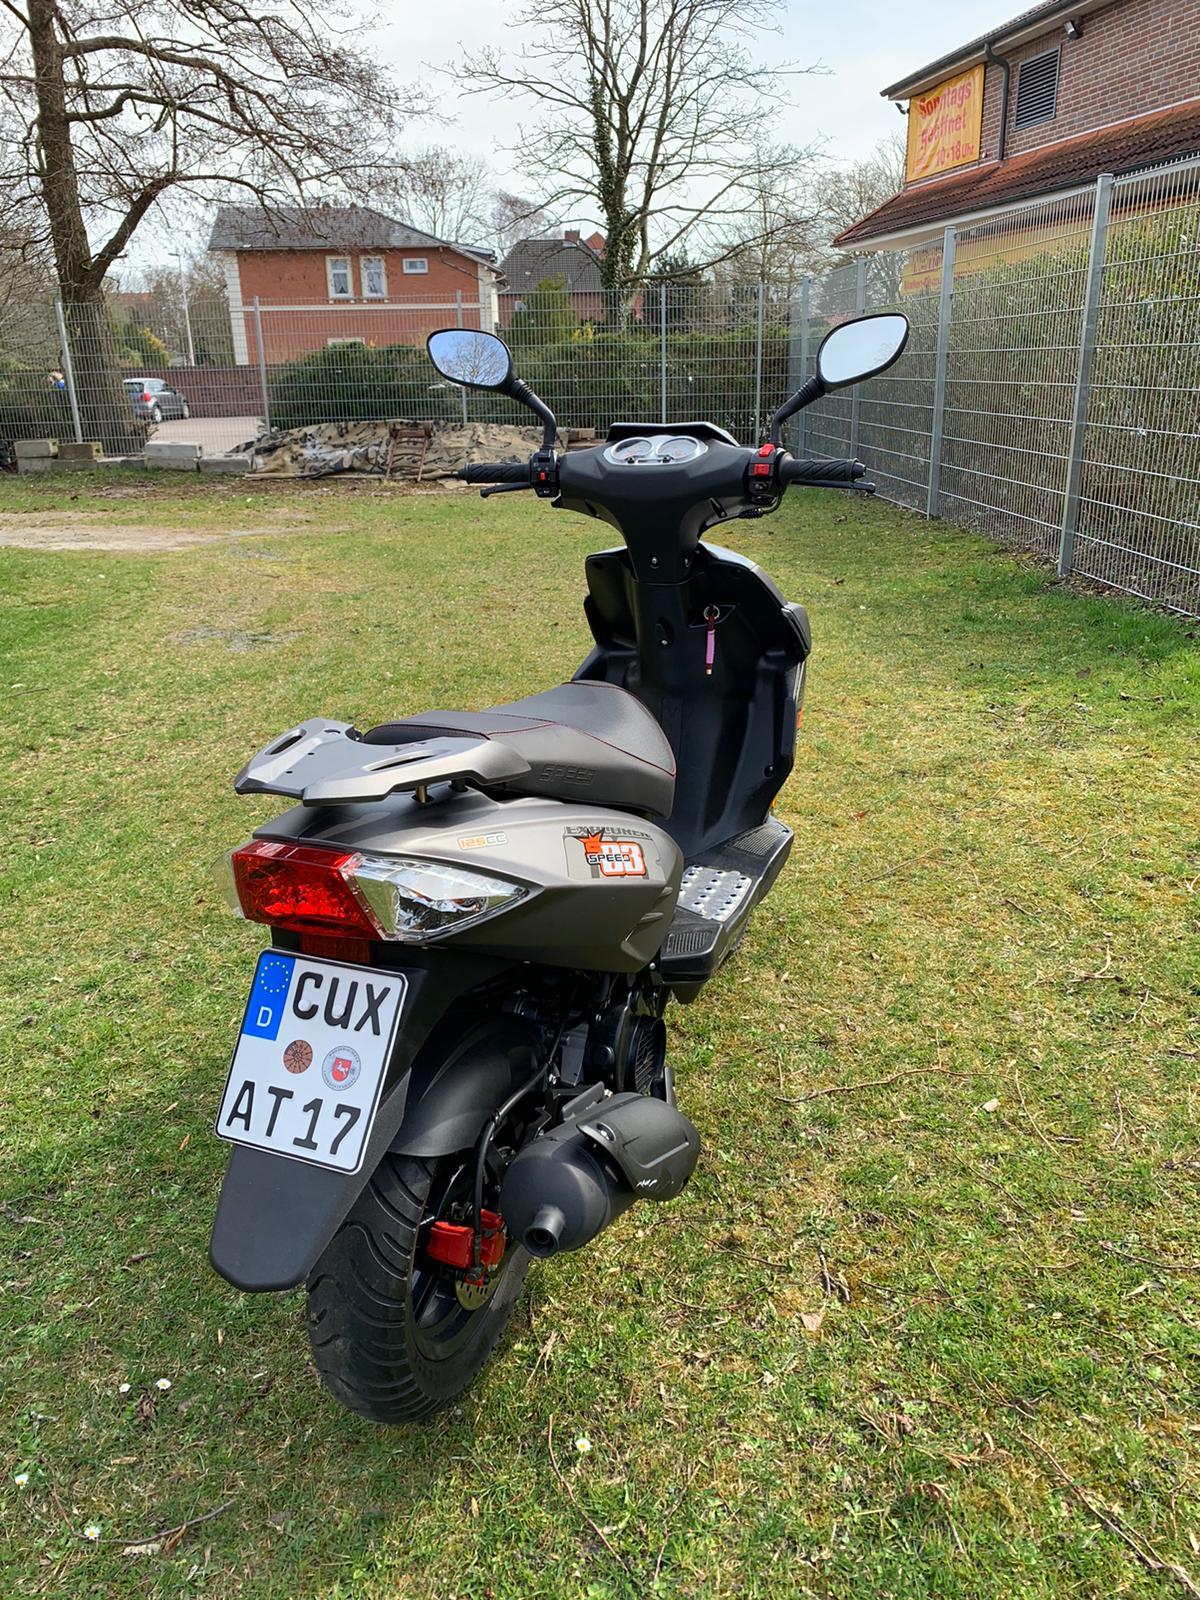 Fahrschule Cuxhaven: Roller 125er